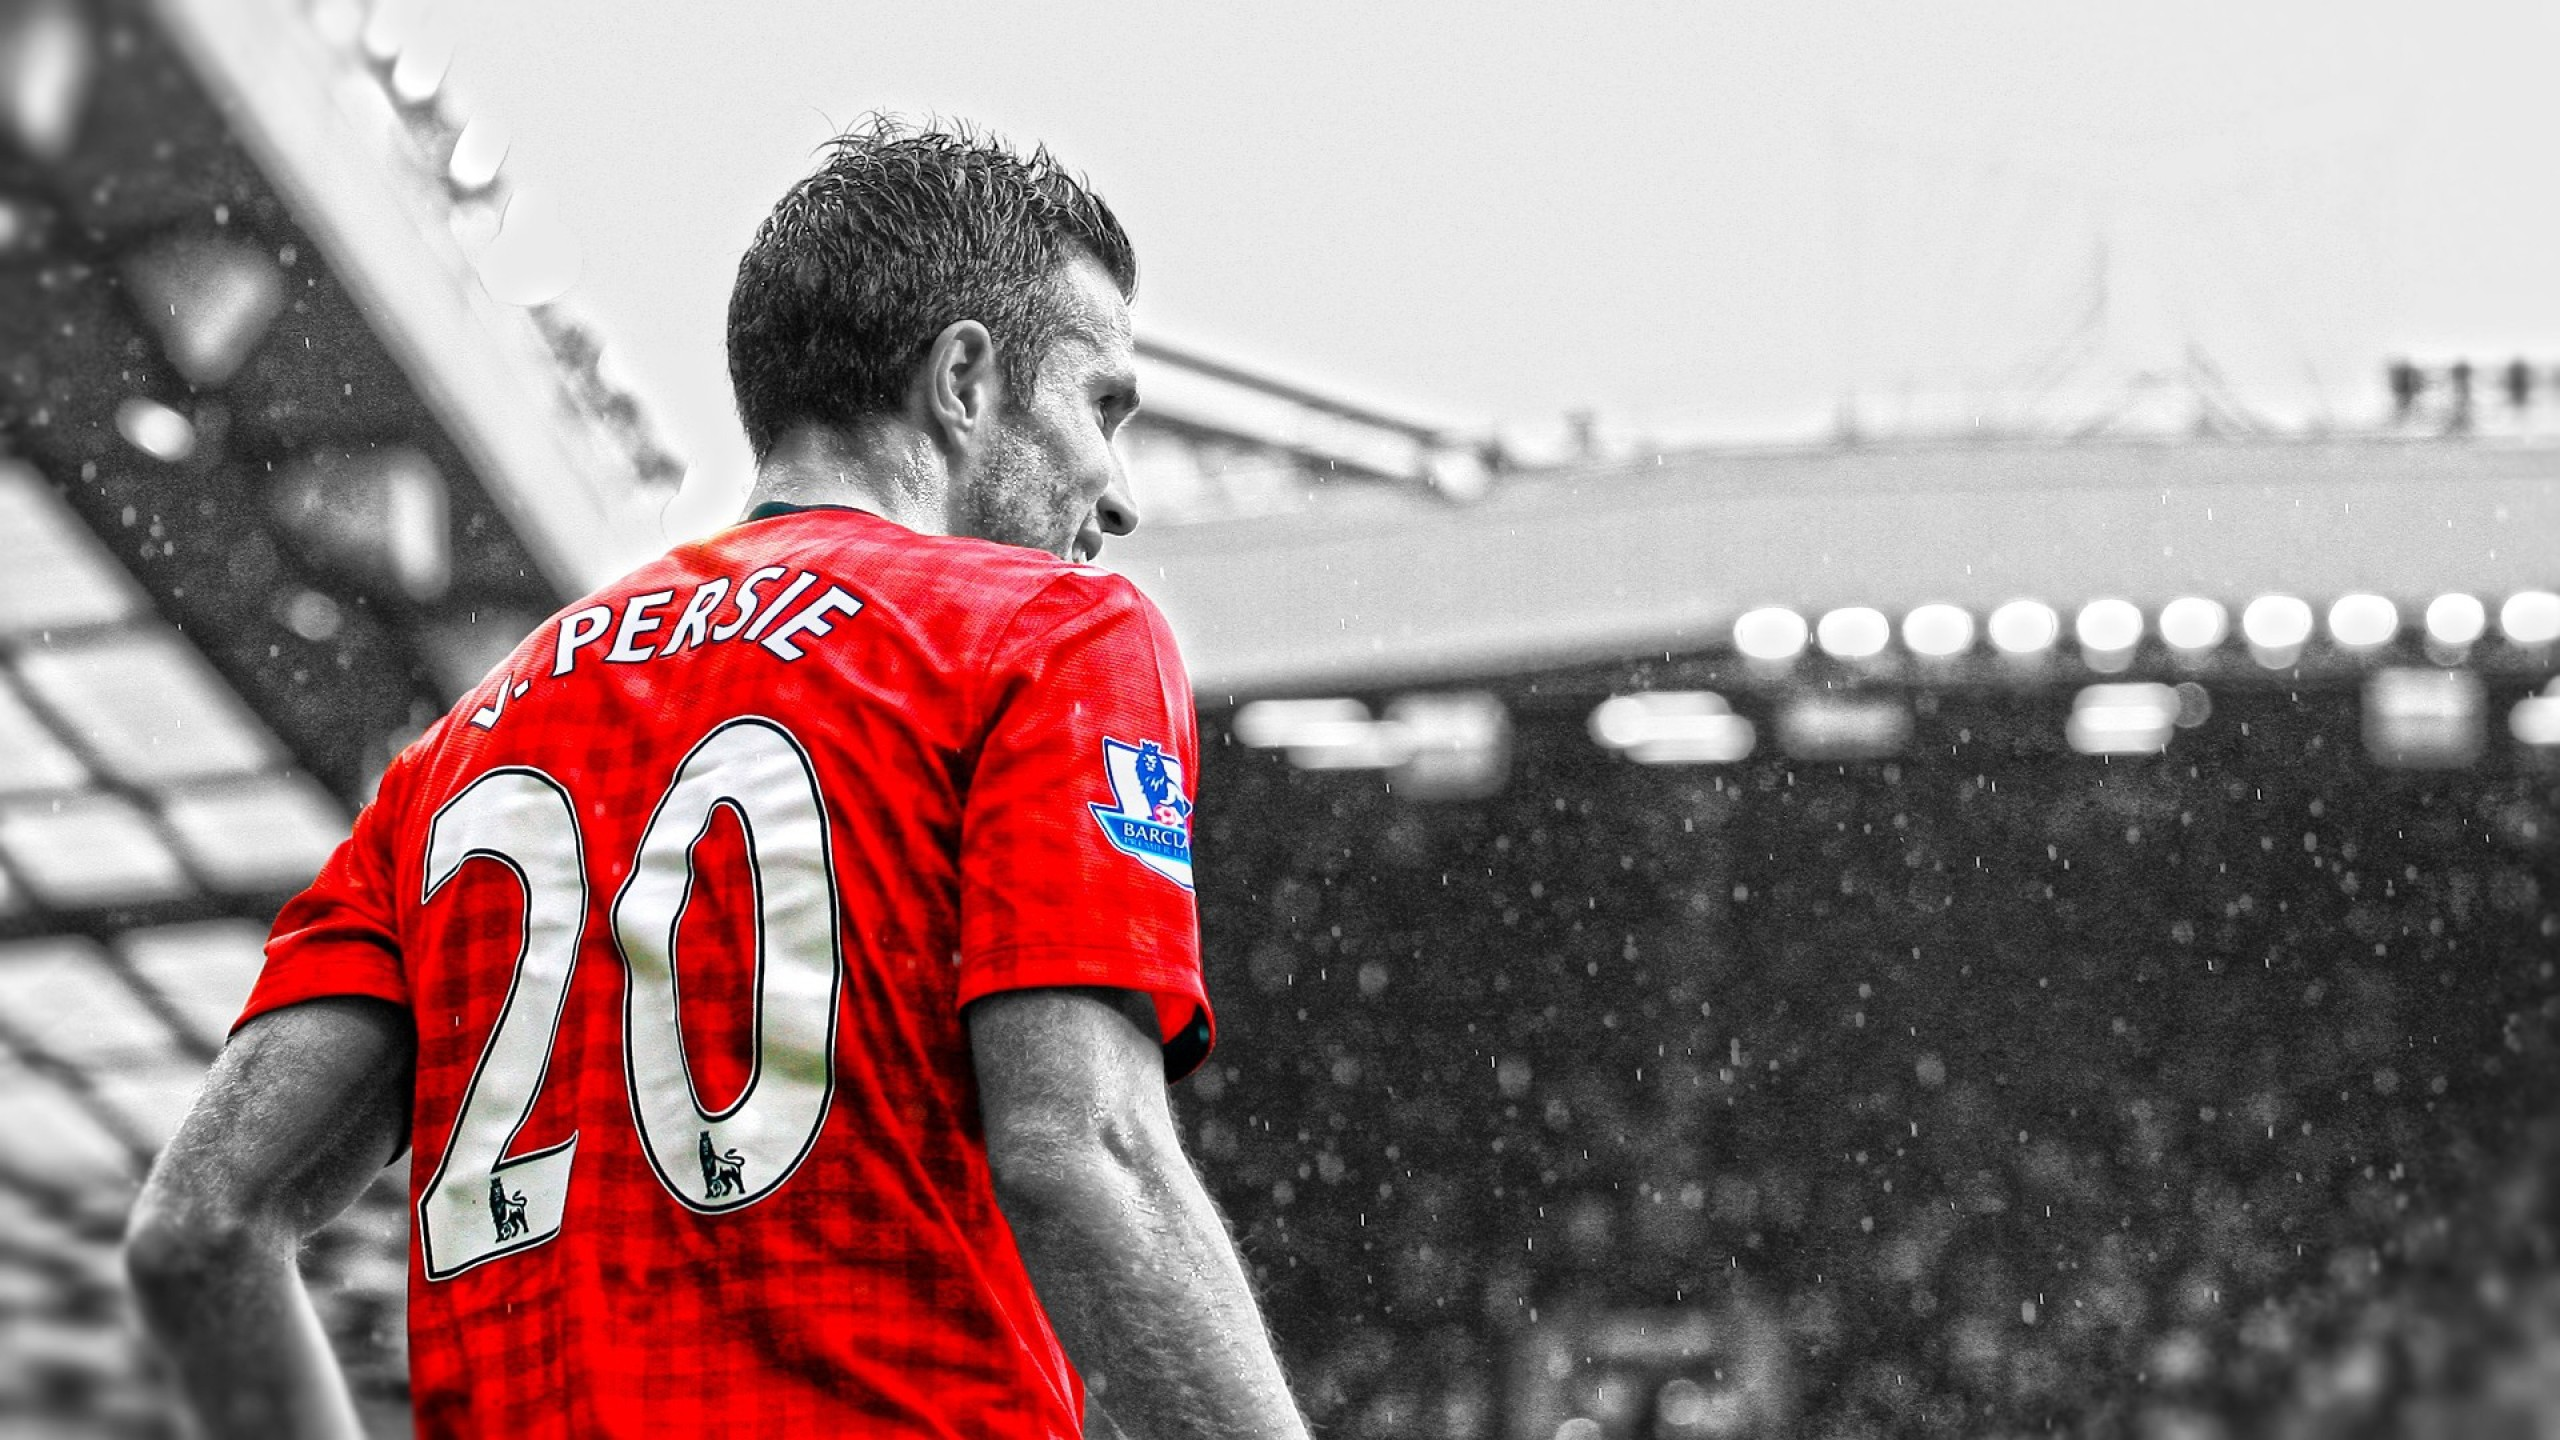 David beckham manchester united wallpaper football hd - Manchester united david beckham wallpaper ...